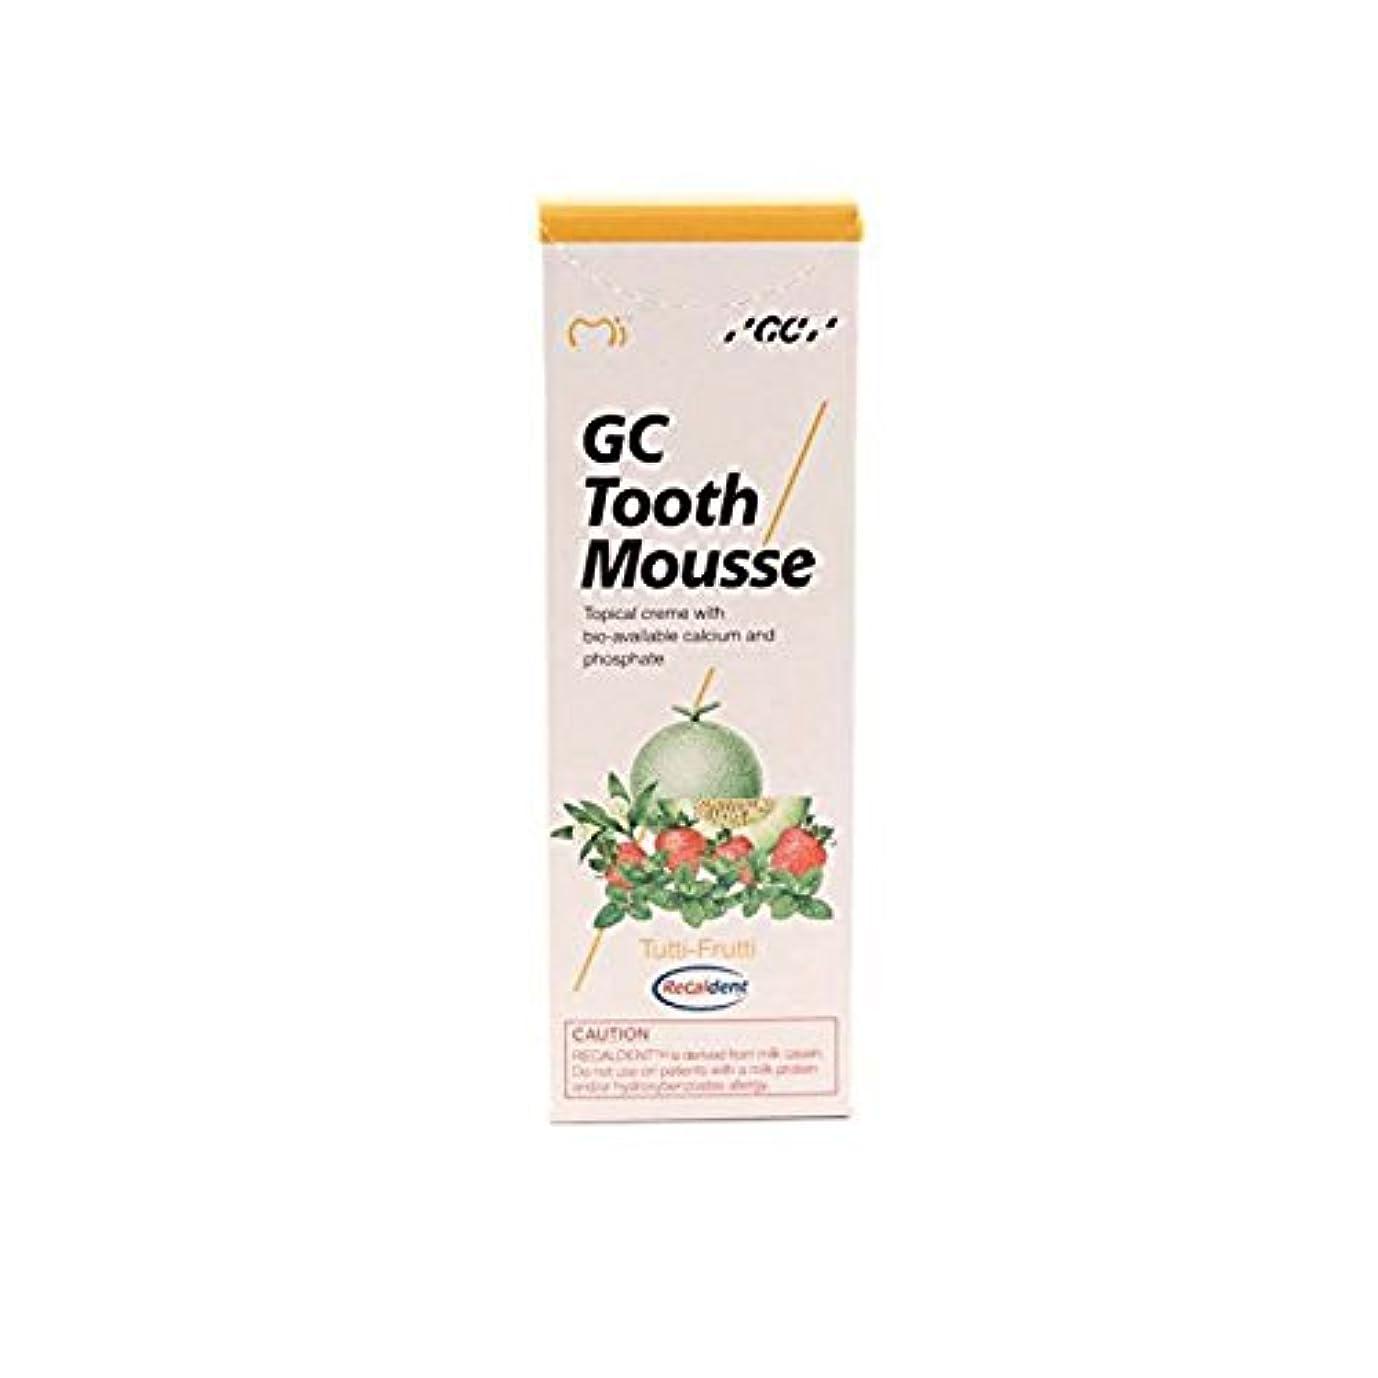 同志少ない祝福するGc の歯のムース練り歯磨き粉の盛り合わせの味40g (タフティフルーティー (Tutty Frutty))